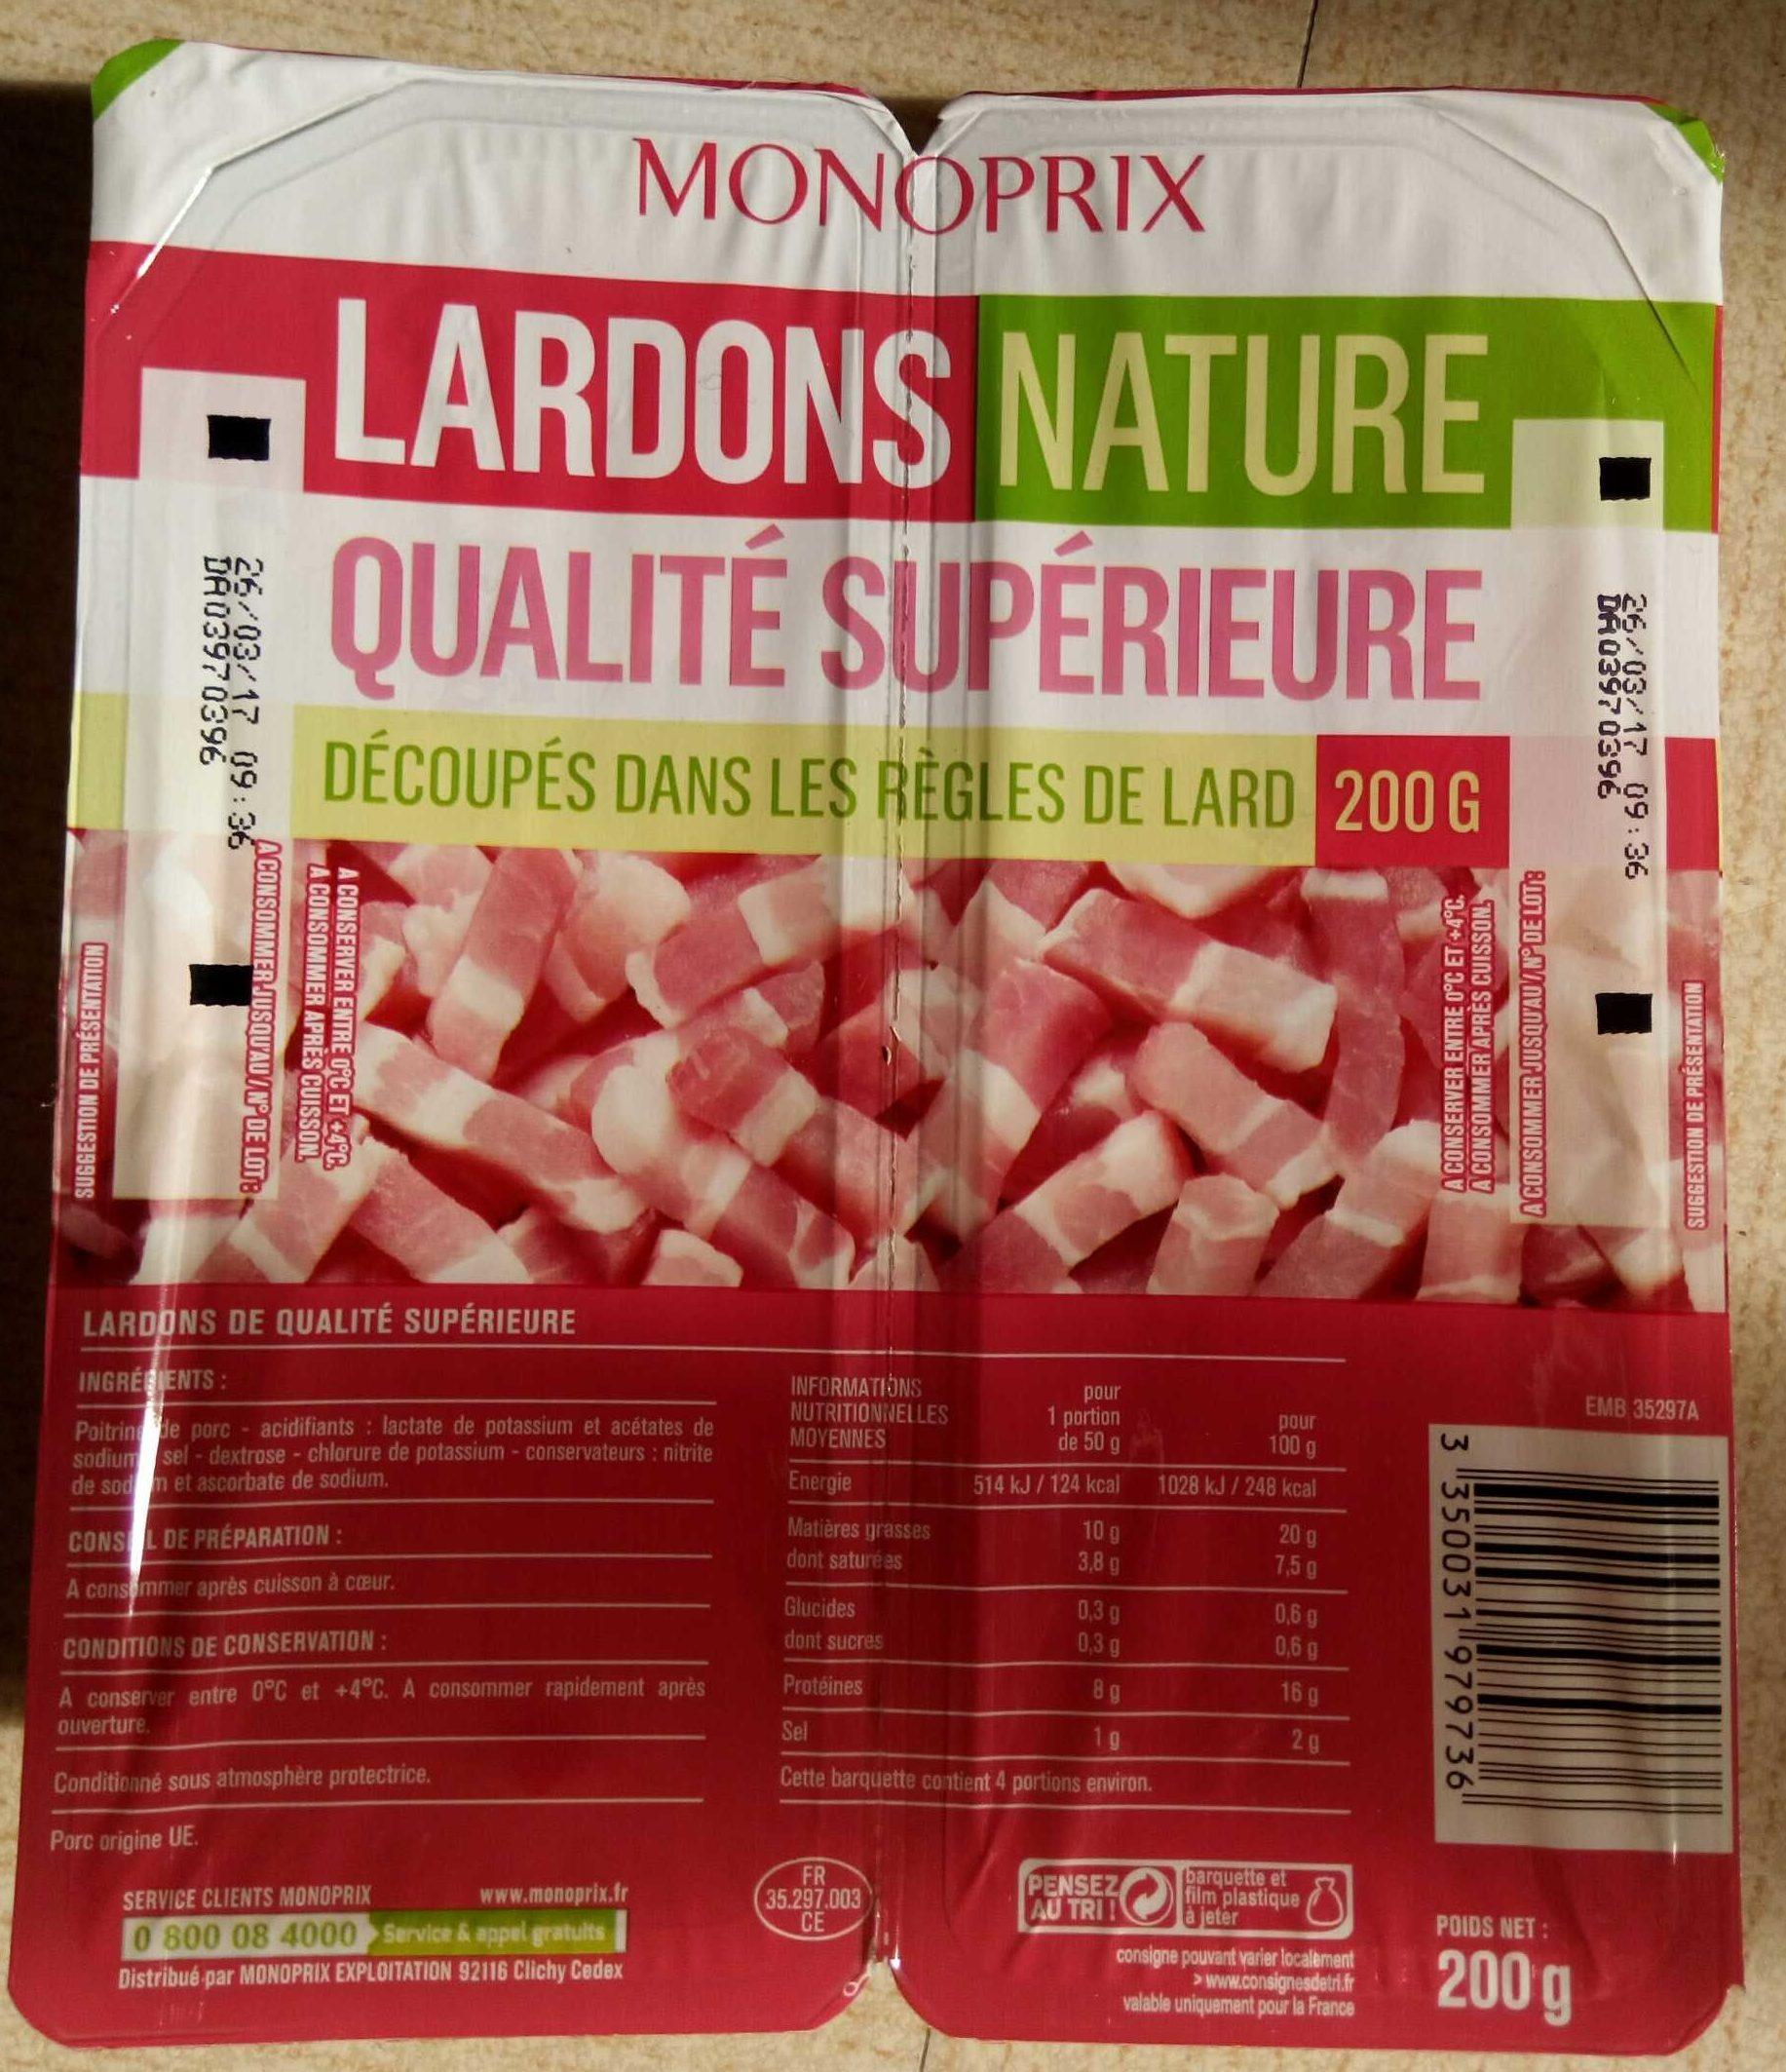 Lardons nature qualité supérieure - Product - fr